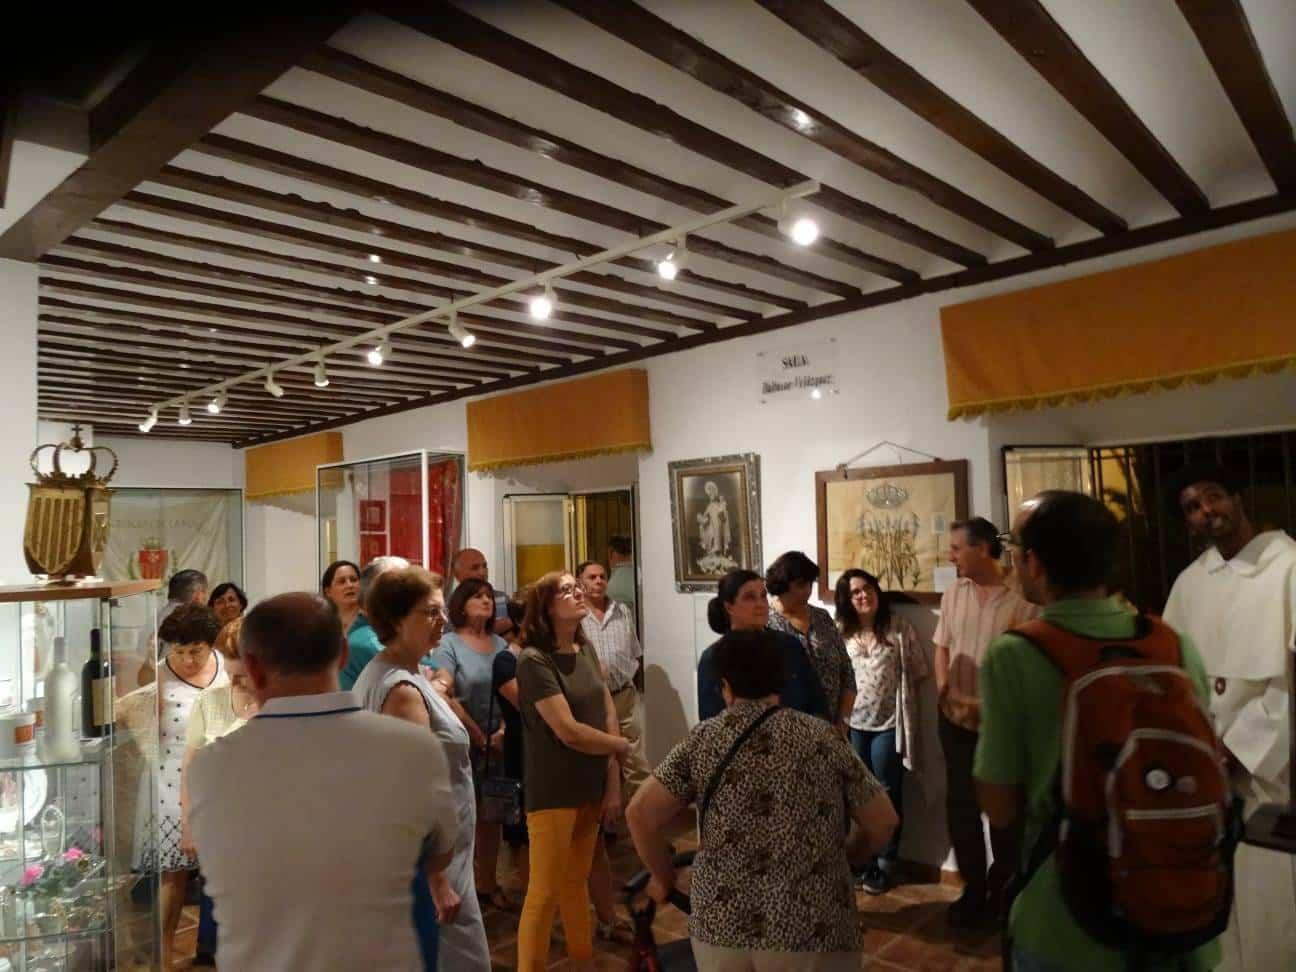 exposicion la merced en nuestros hogares3 - Exposición La Merced en nuestros hogares